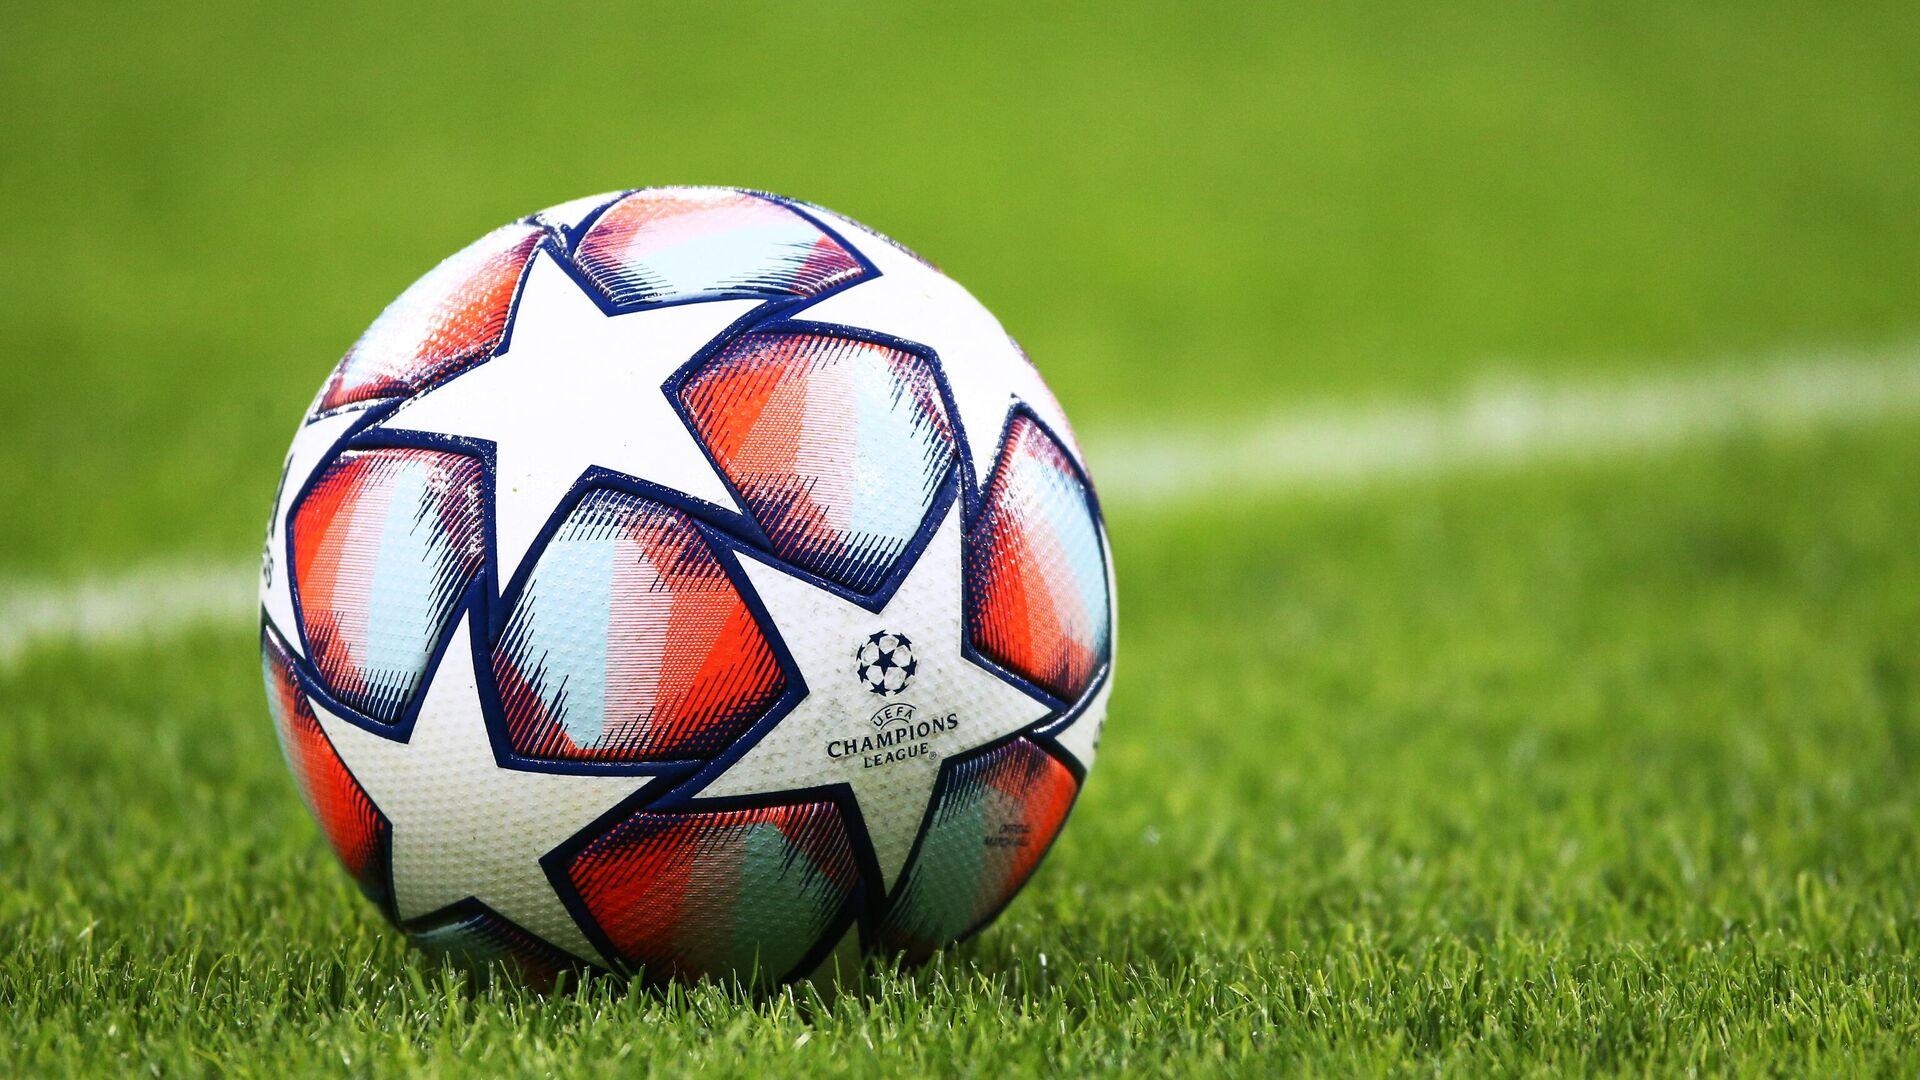 Мяч футбольной Лиги чемпионов - РИА Новости, 1920, 06.07.2021